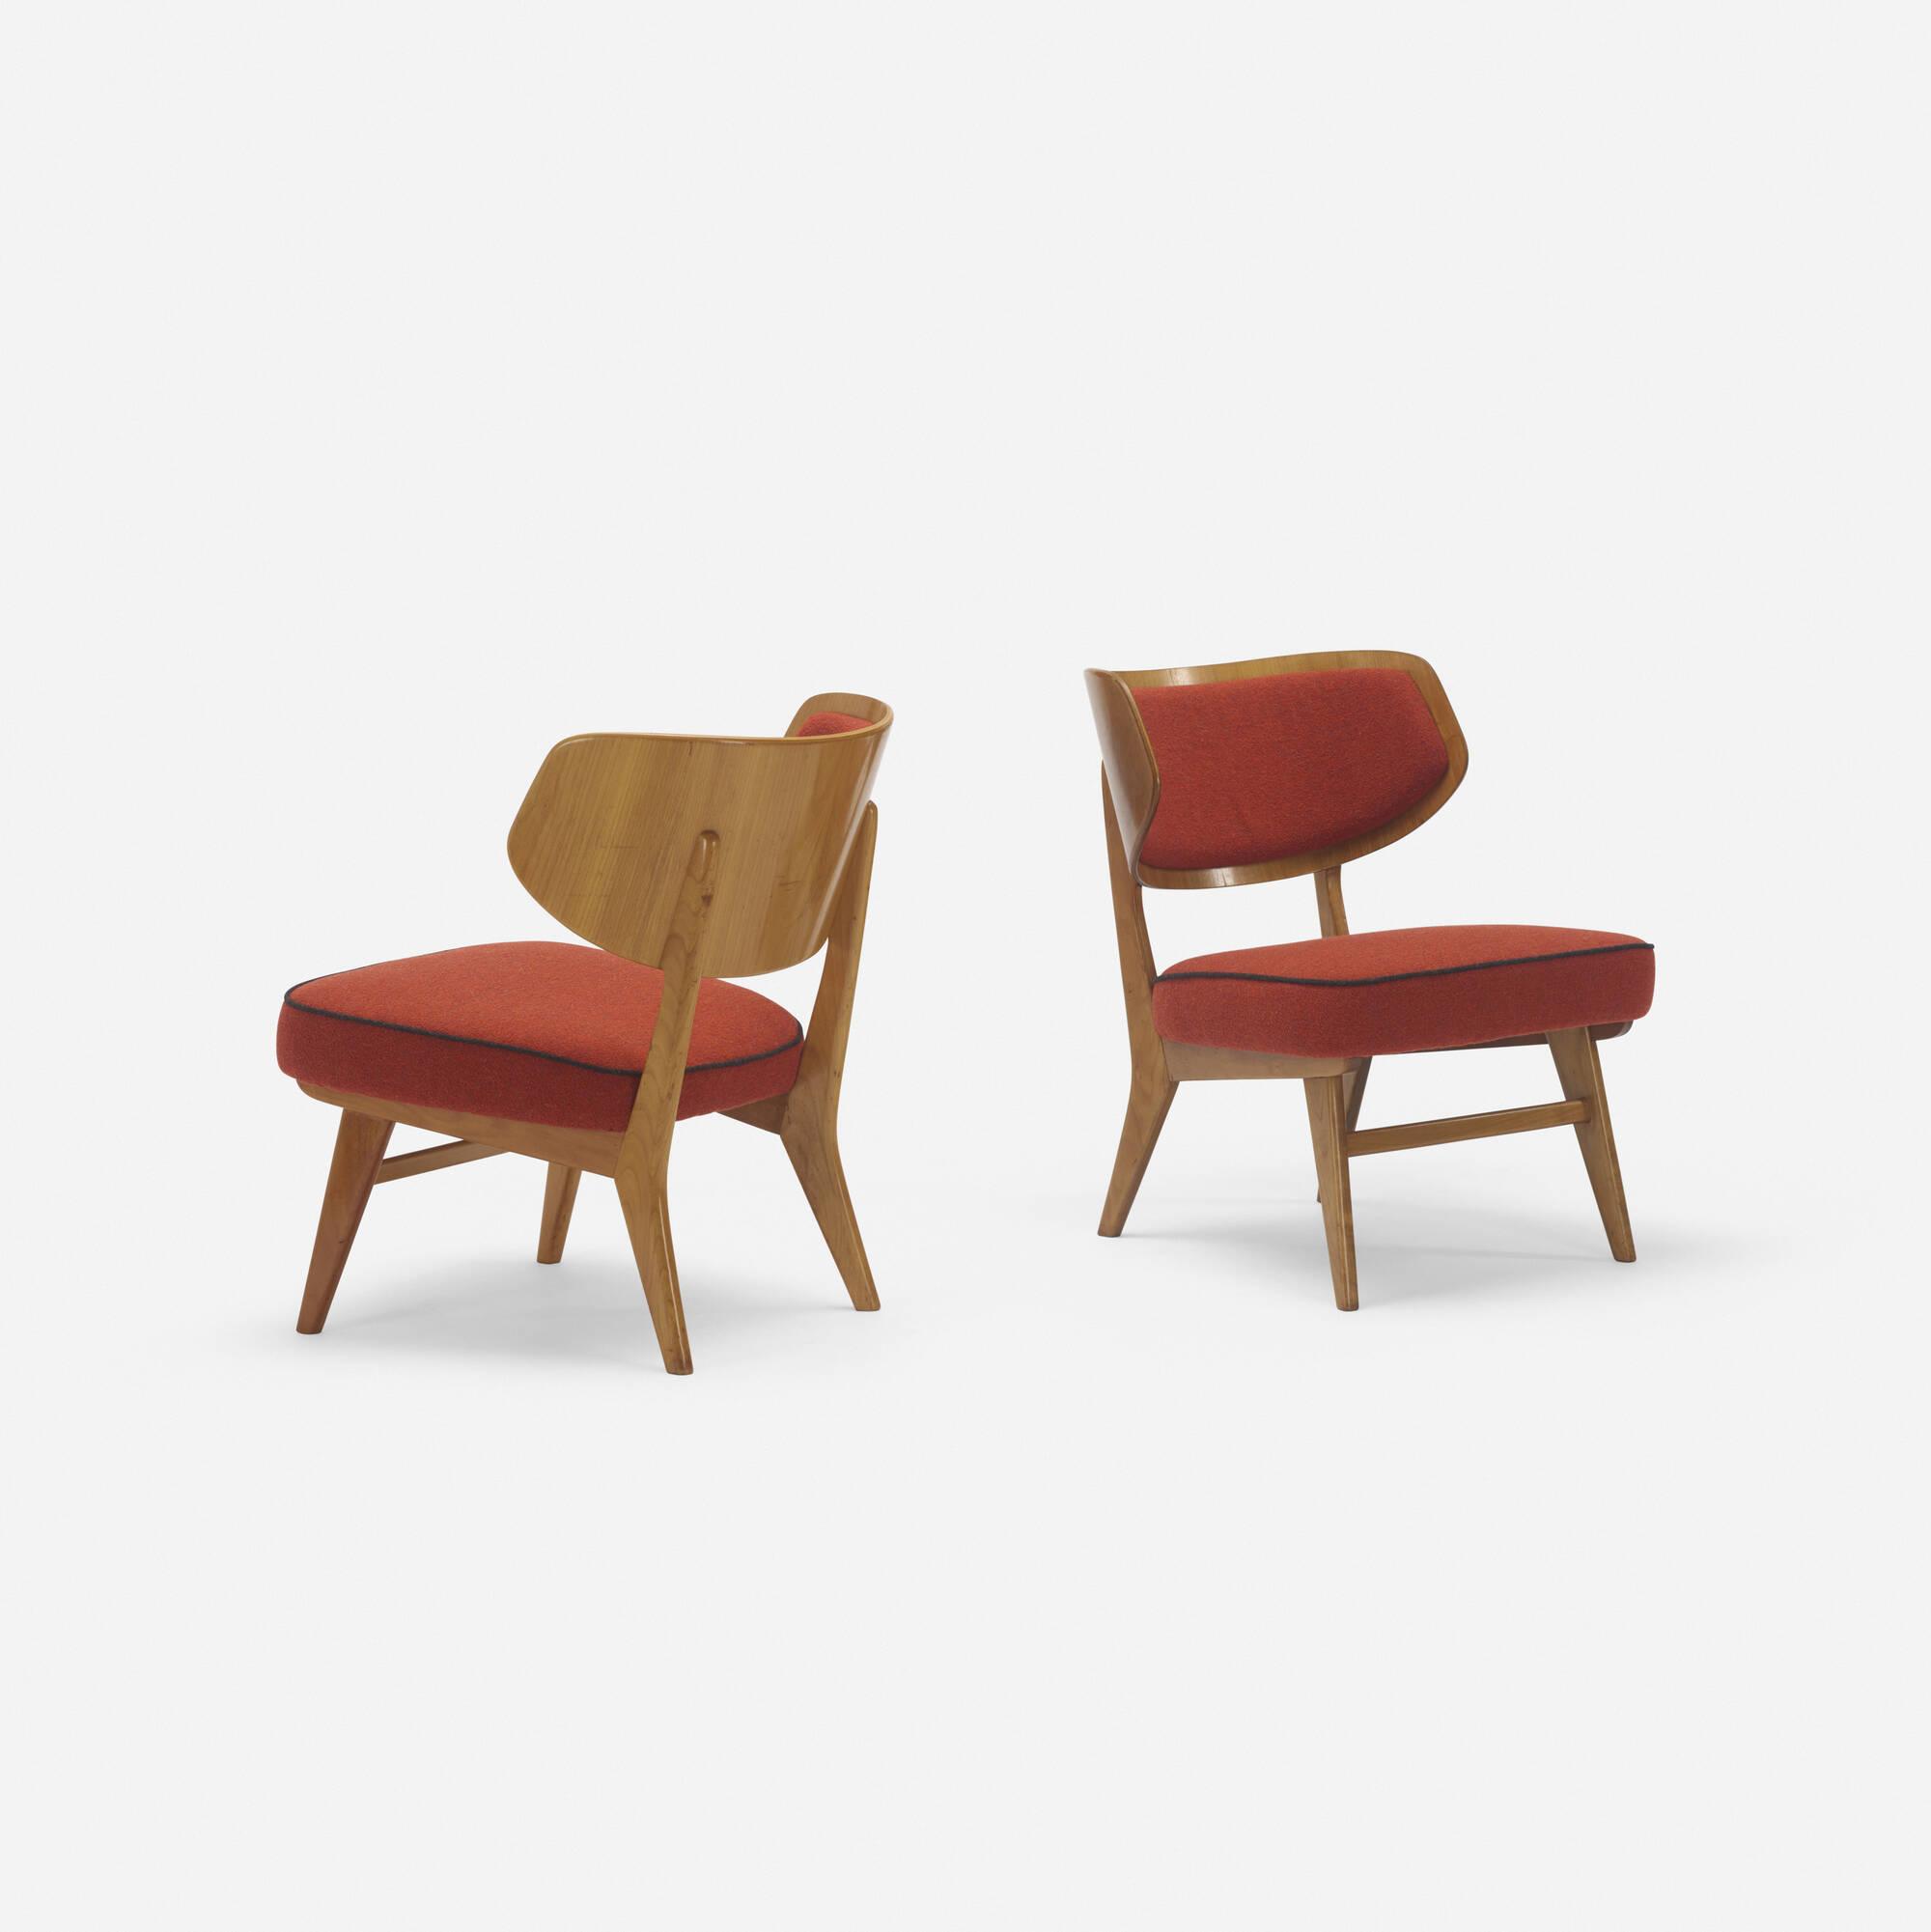 254: Herta-Maria Witzemann / lounge chairs, pair (2 of 3)